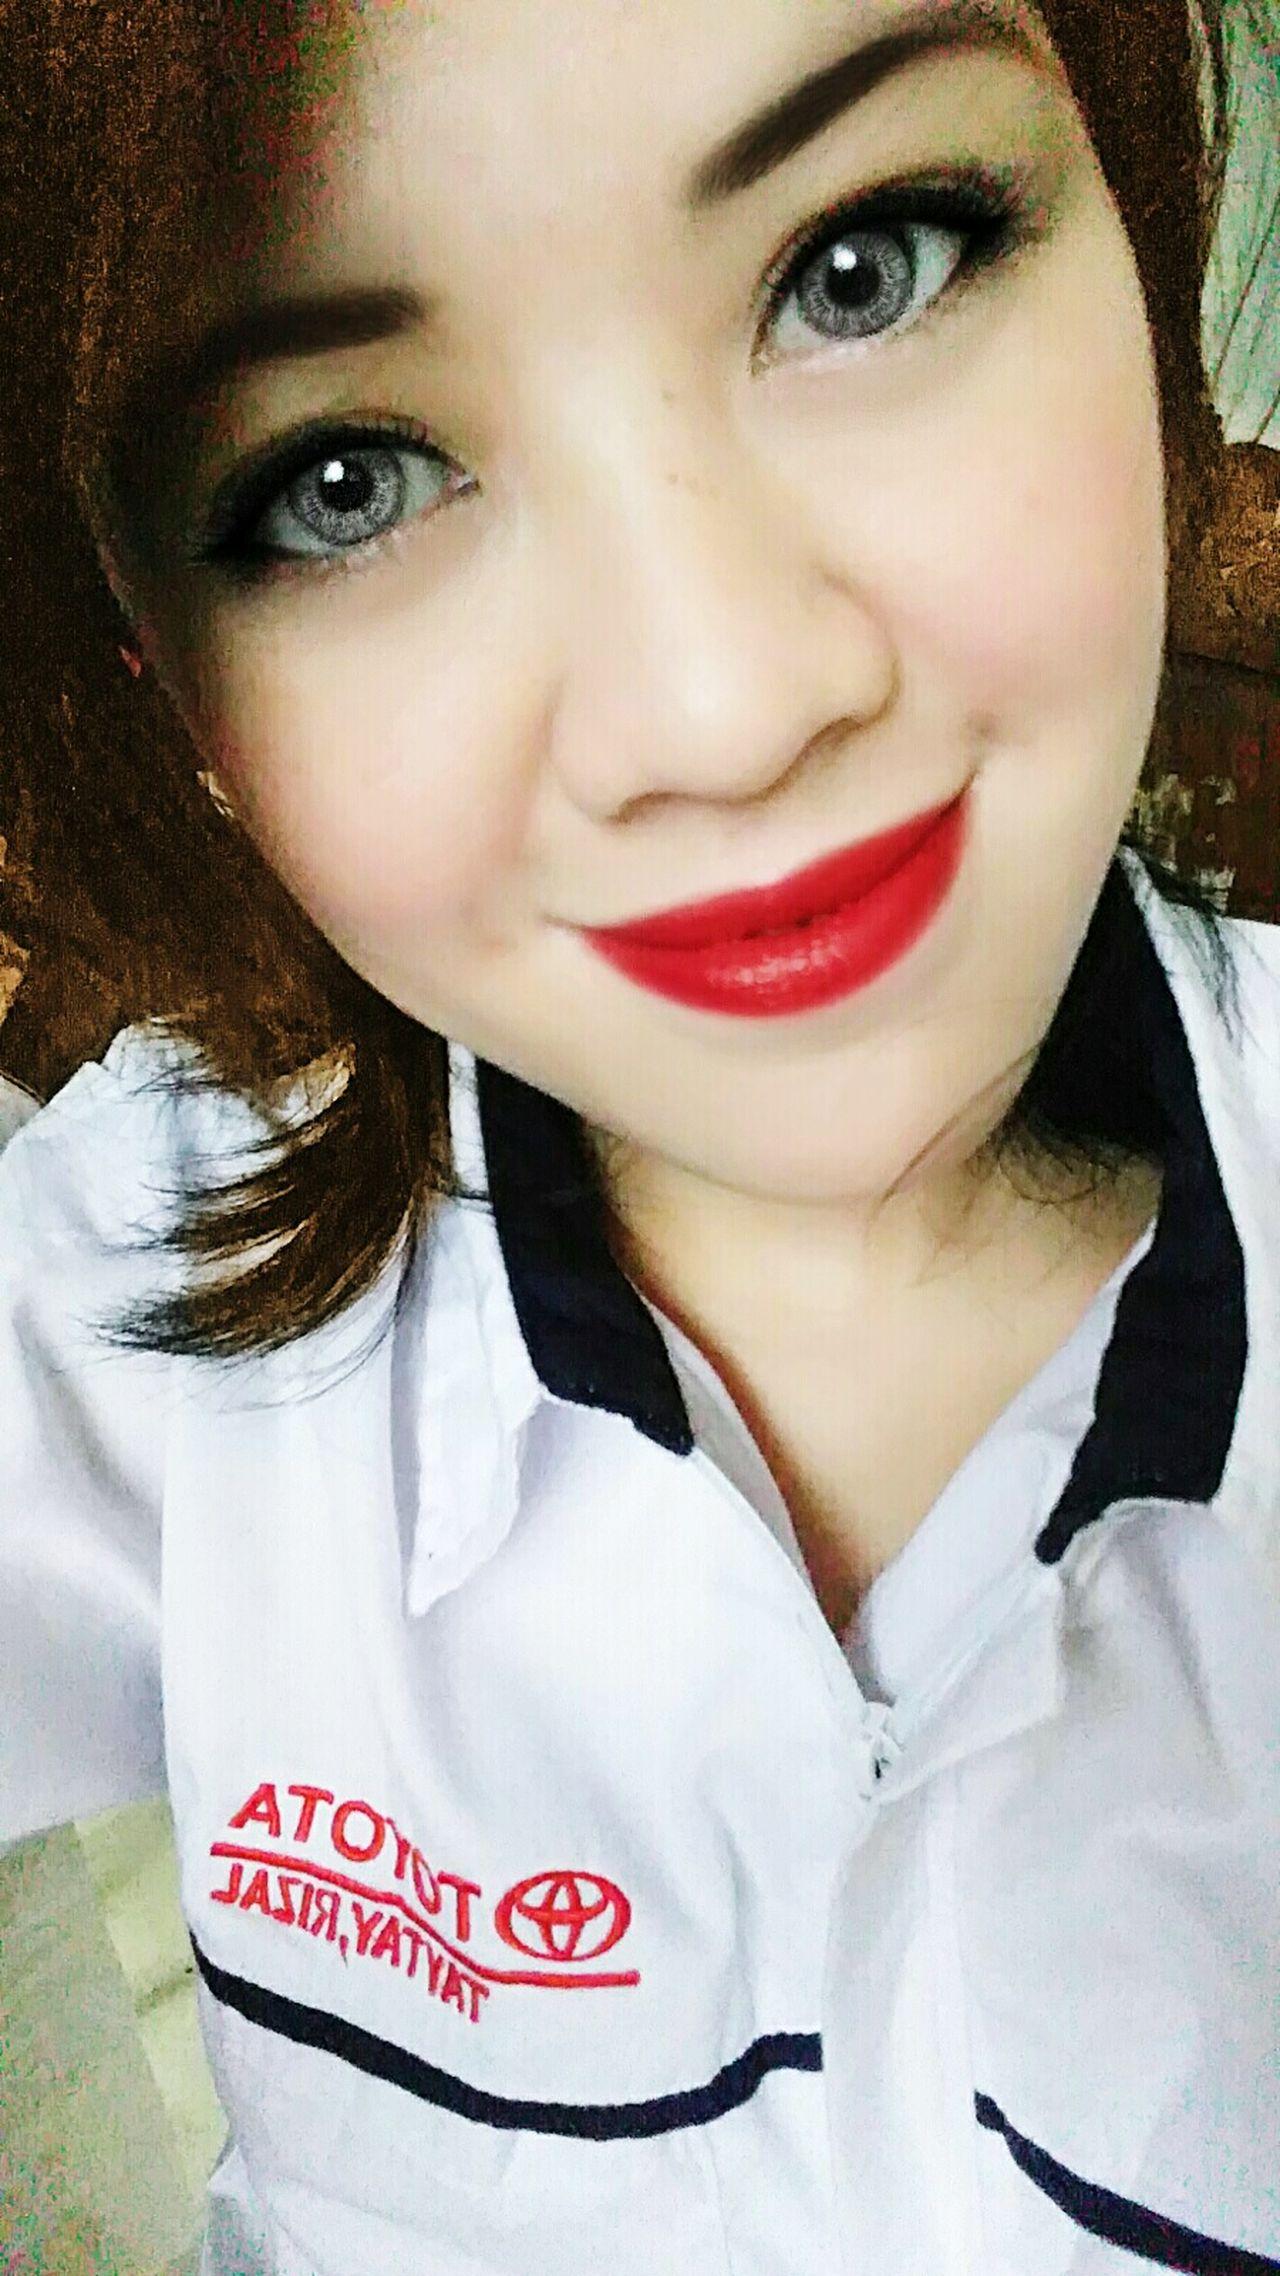 Selfie ✌ LGG4 GrayEyes  Ilovegrey Philippines Eyes Catseyes Luvinmyeyes Work Workuniform Toyota MeMyself&I Eyechanger Beautiful Beautifuleyes Redlipstick Redlips💋 Whitelady😄😄😂😂